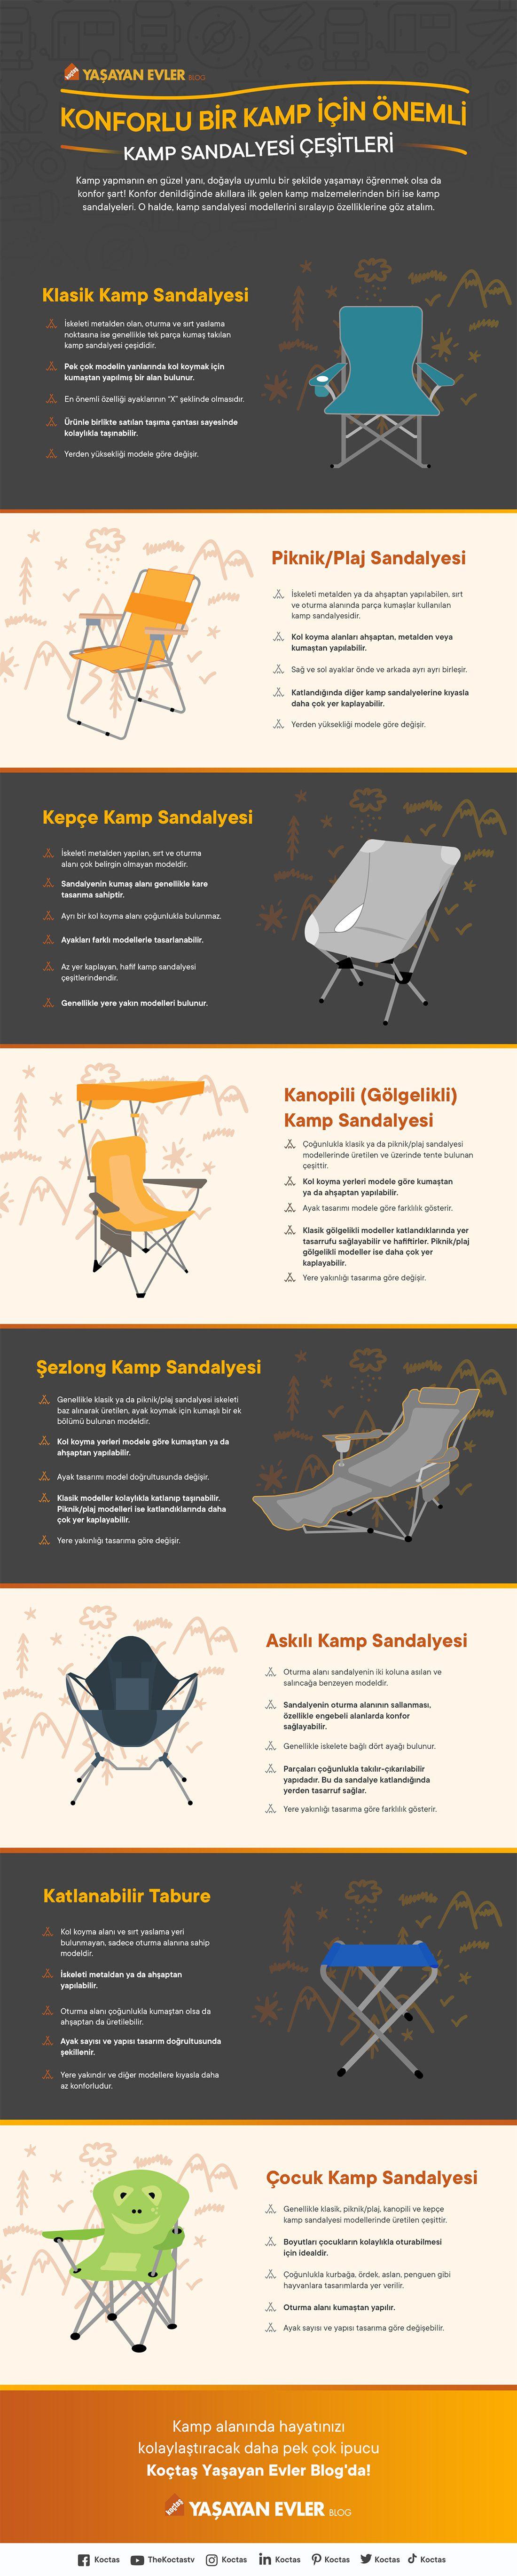 Kamp Sandalyesi Çeşitleri